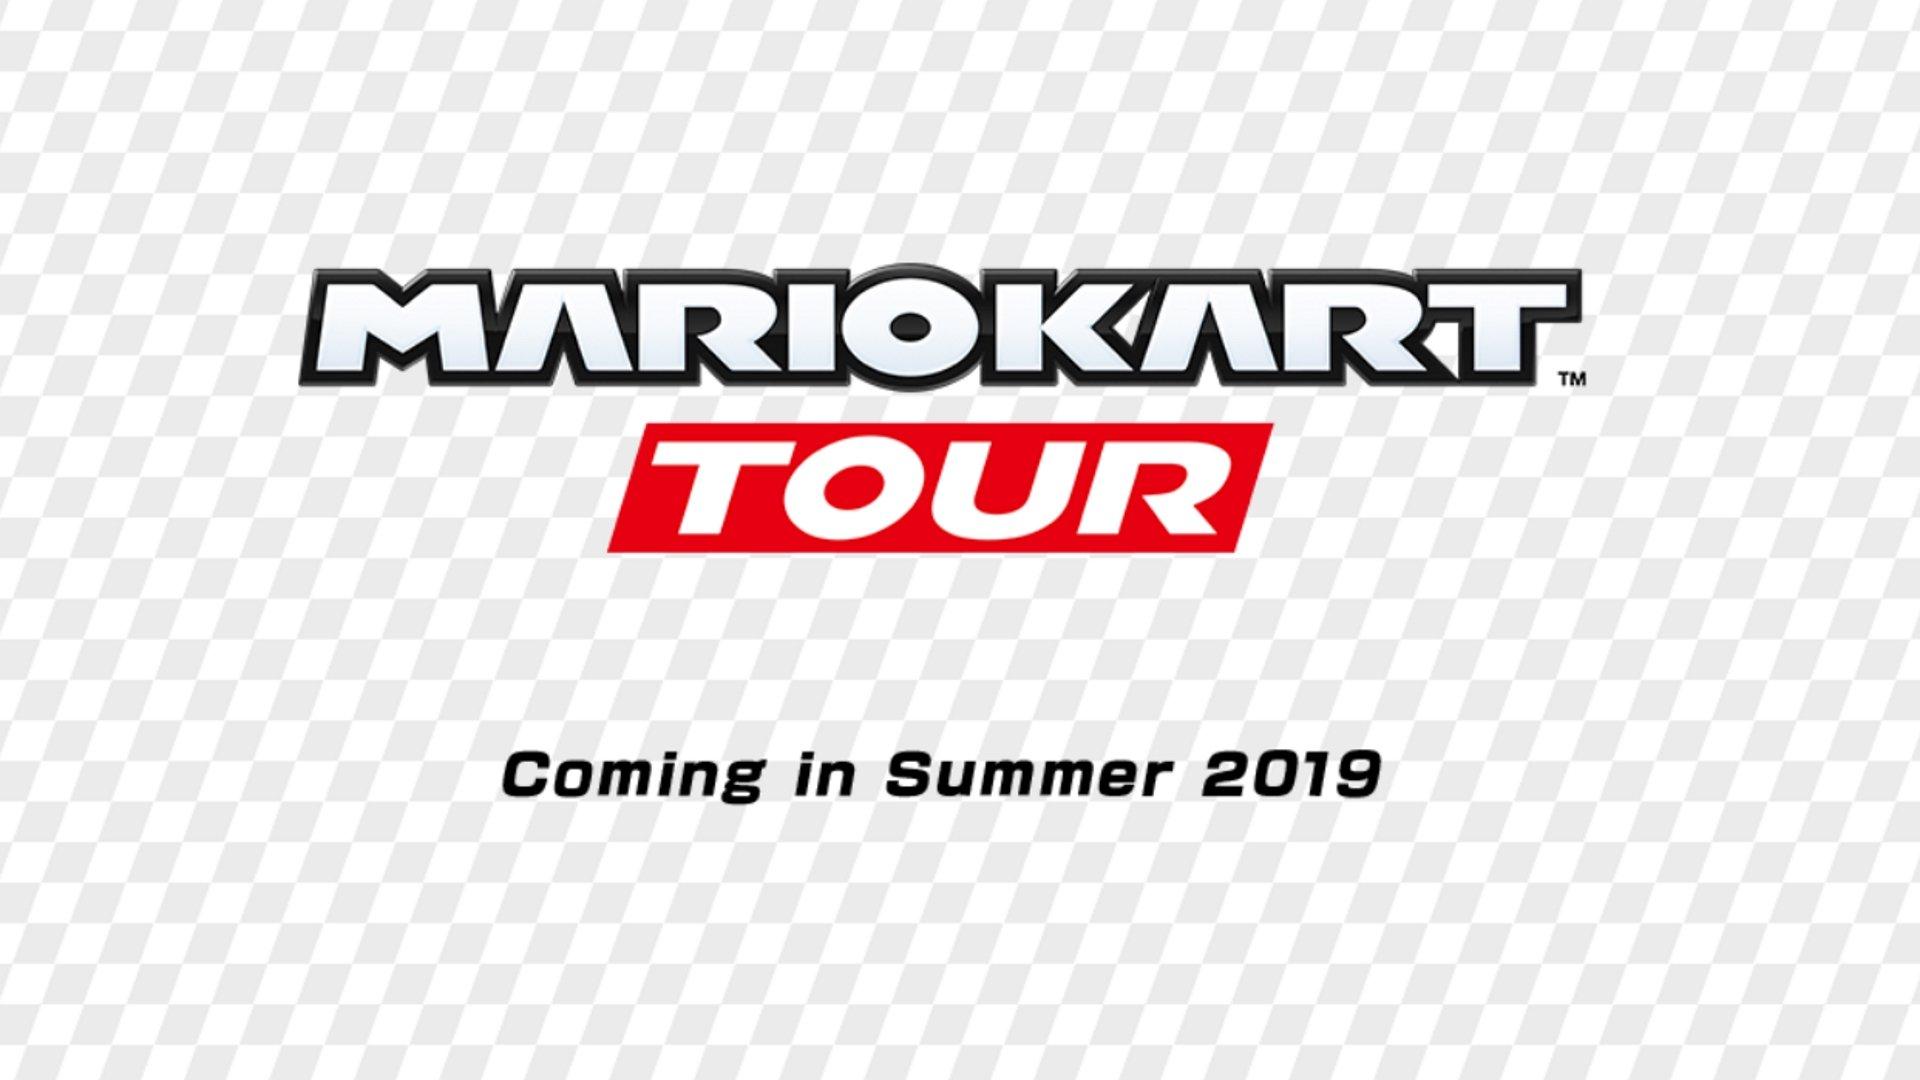 Le Mario Kart Tour a clôturé les inscriptions à la bêta en direct aux USA et au Japon.